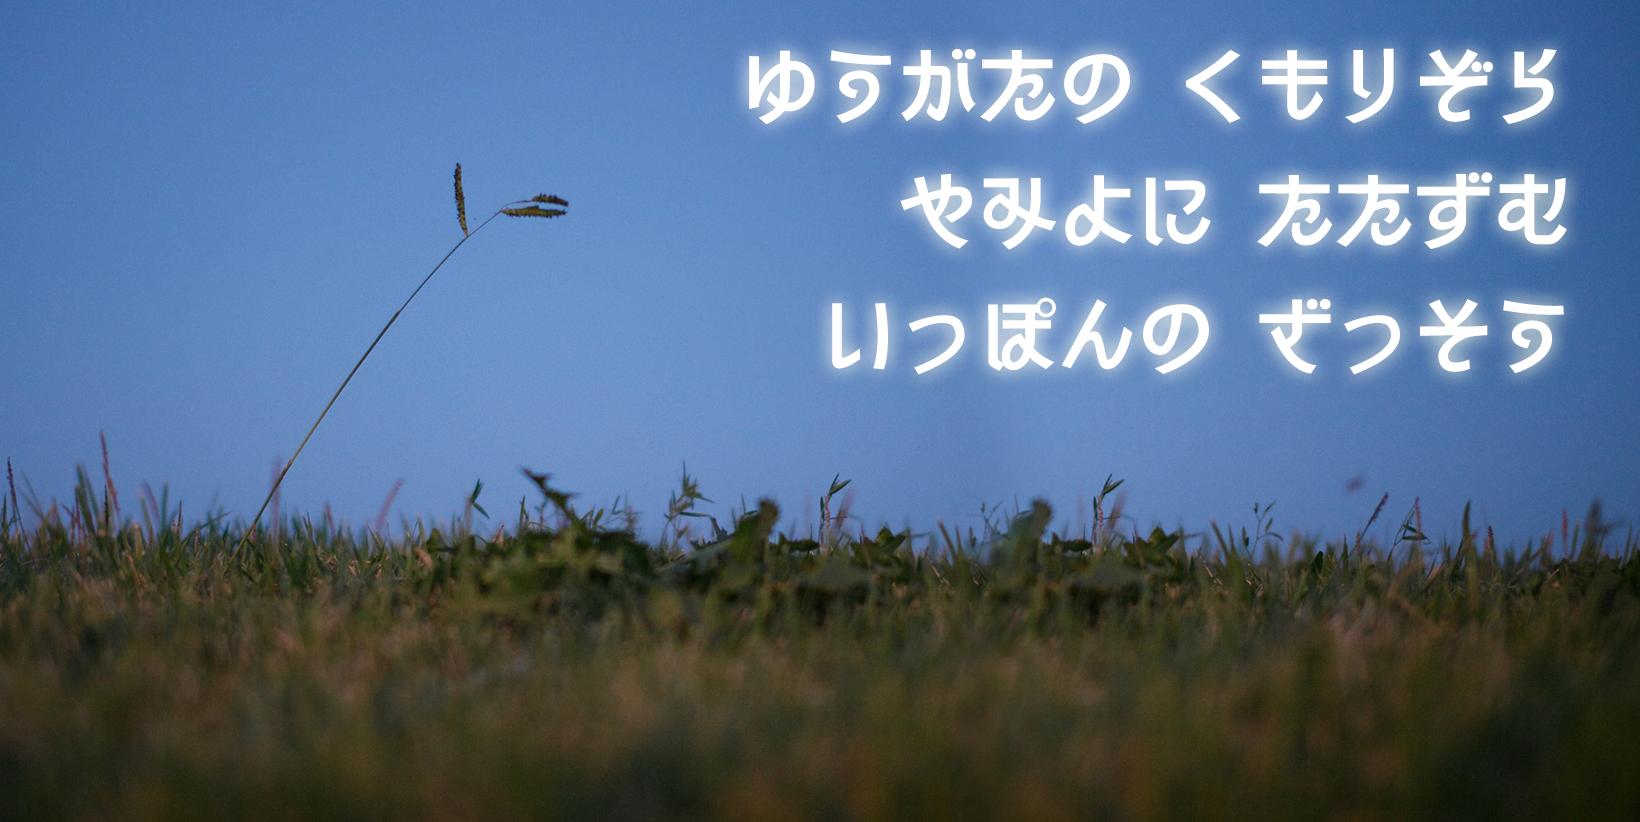 レトロでかわいい「シネマゴシックかな」フォント|フォント910